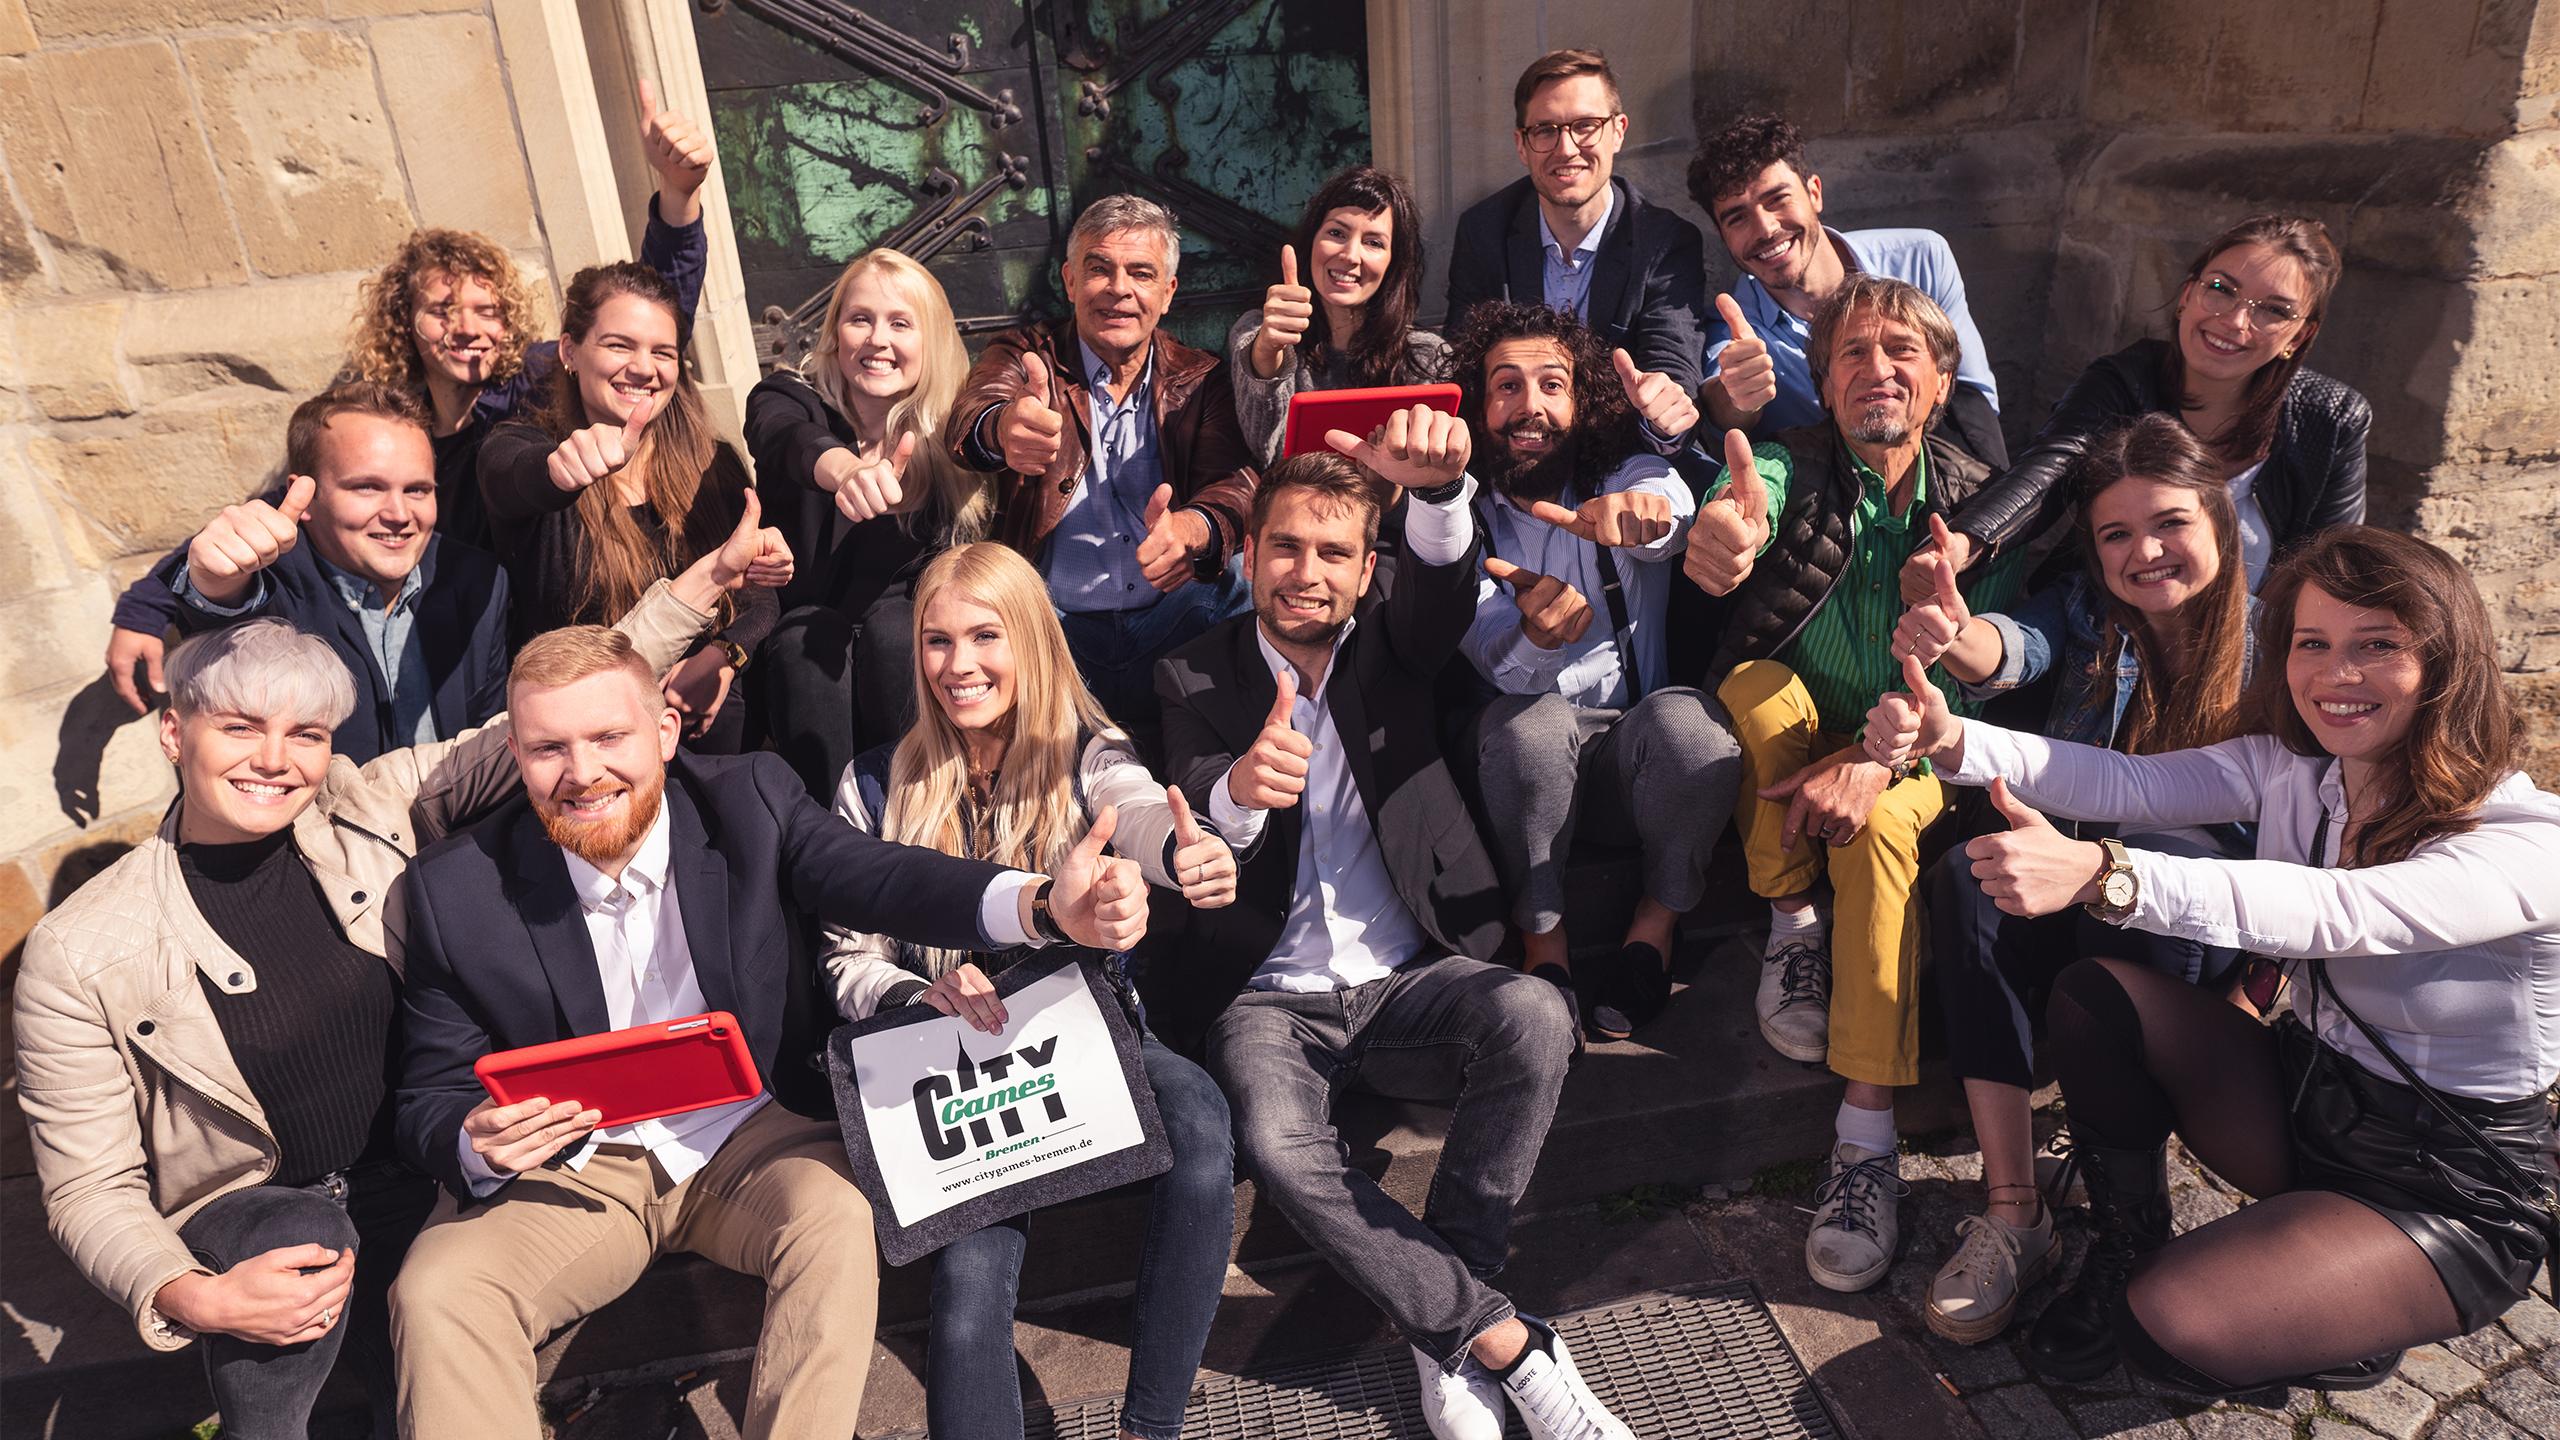 CityGames Stuttgart Firmen Team Pro Tour: Firmengruppe